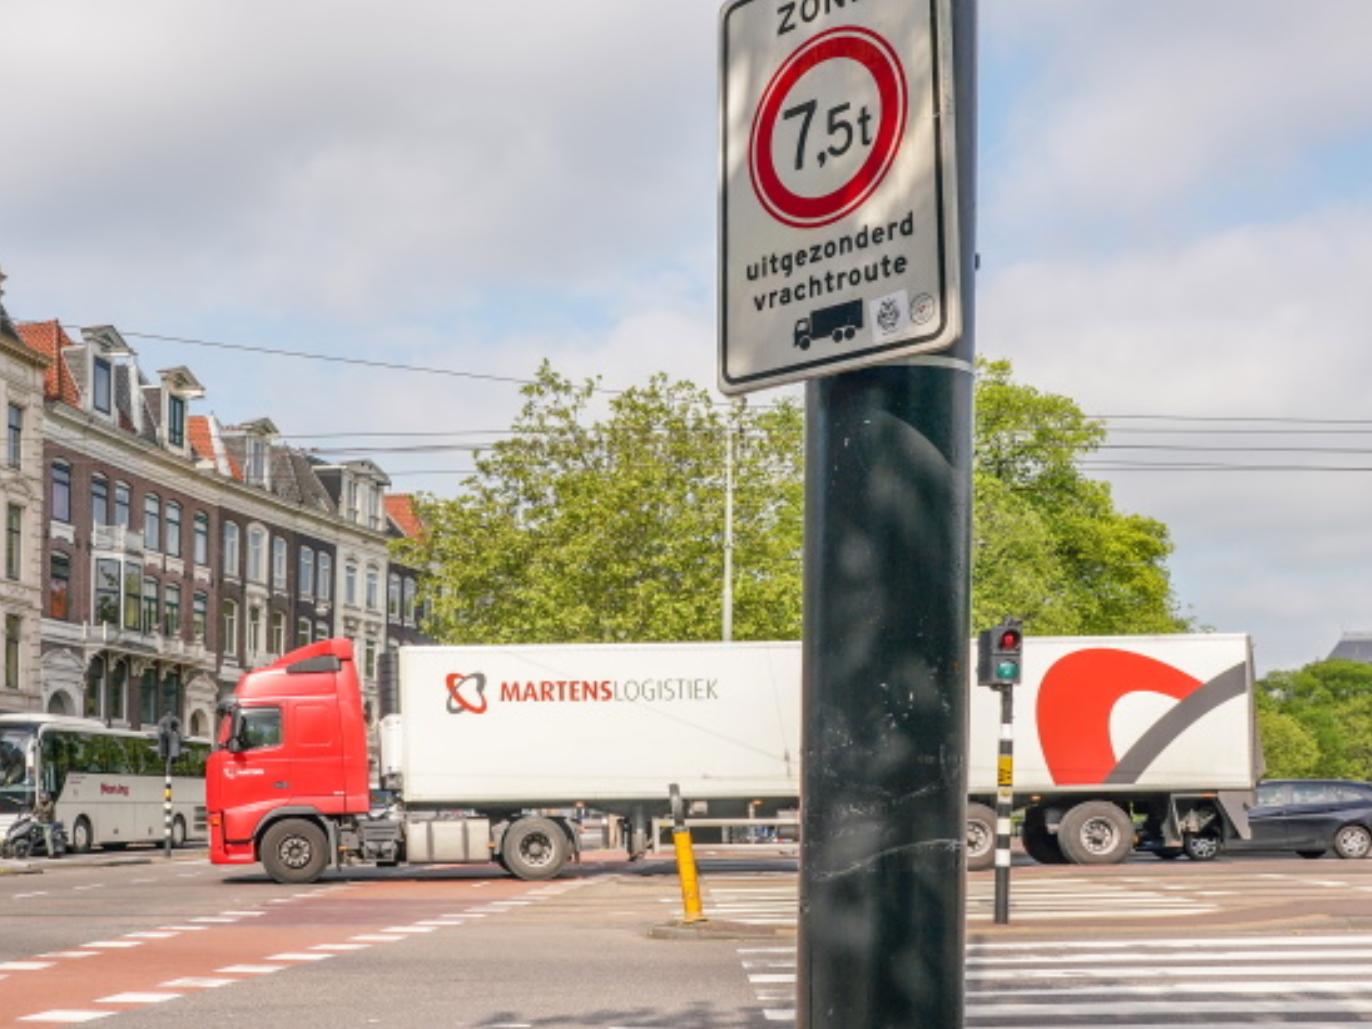 Vrachtverkeer boven 30 ton niet meer welkom in centrum Amsterdam